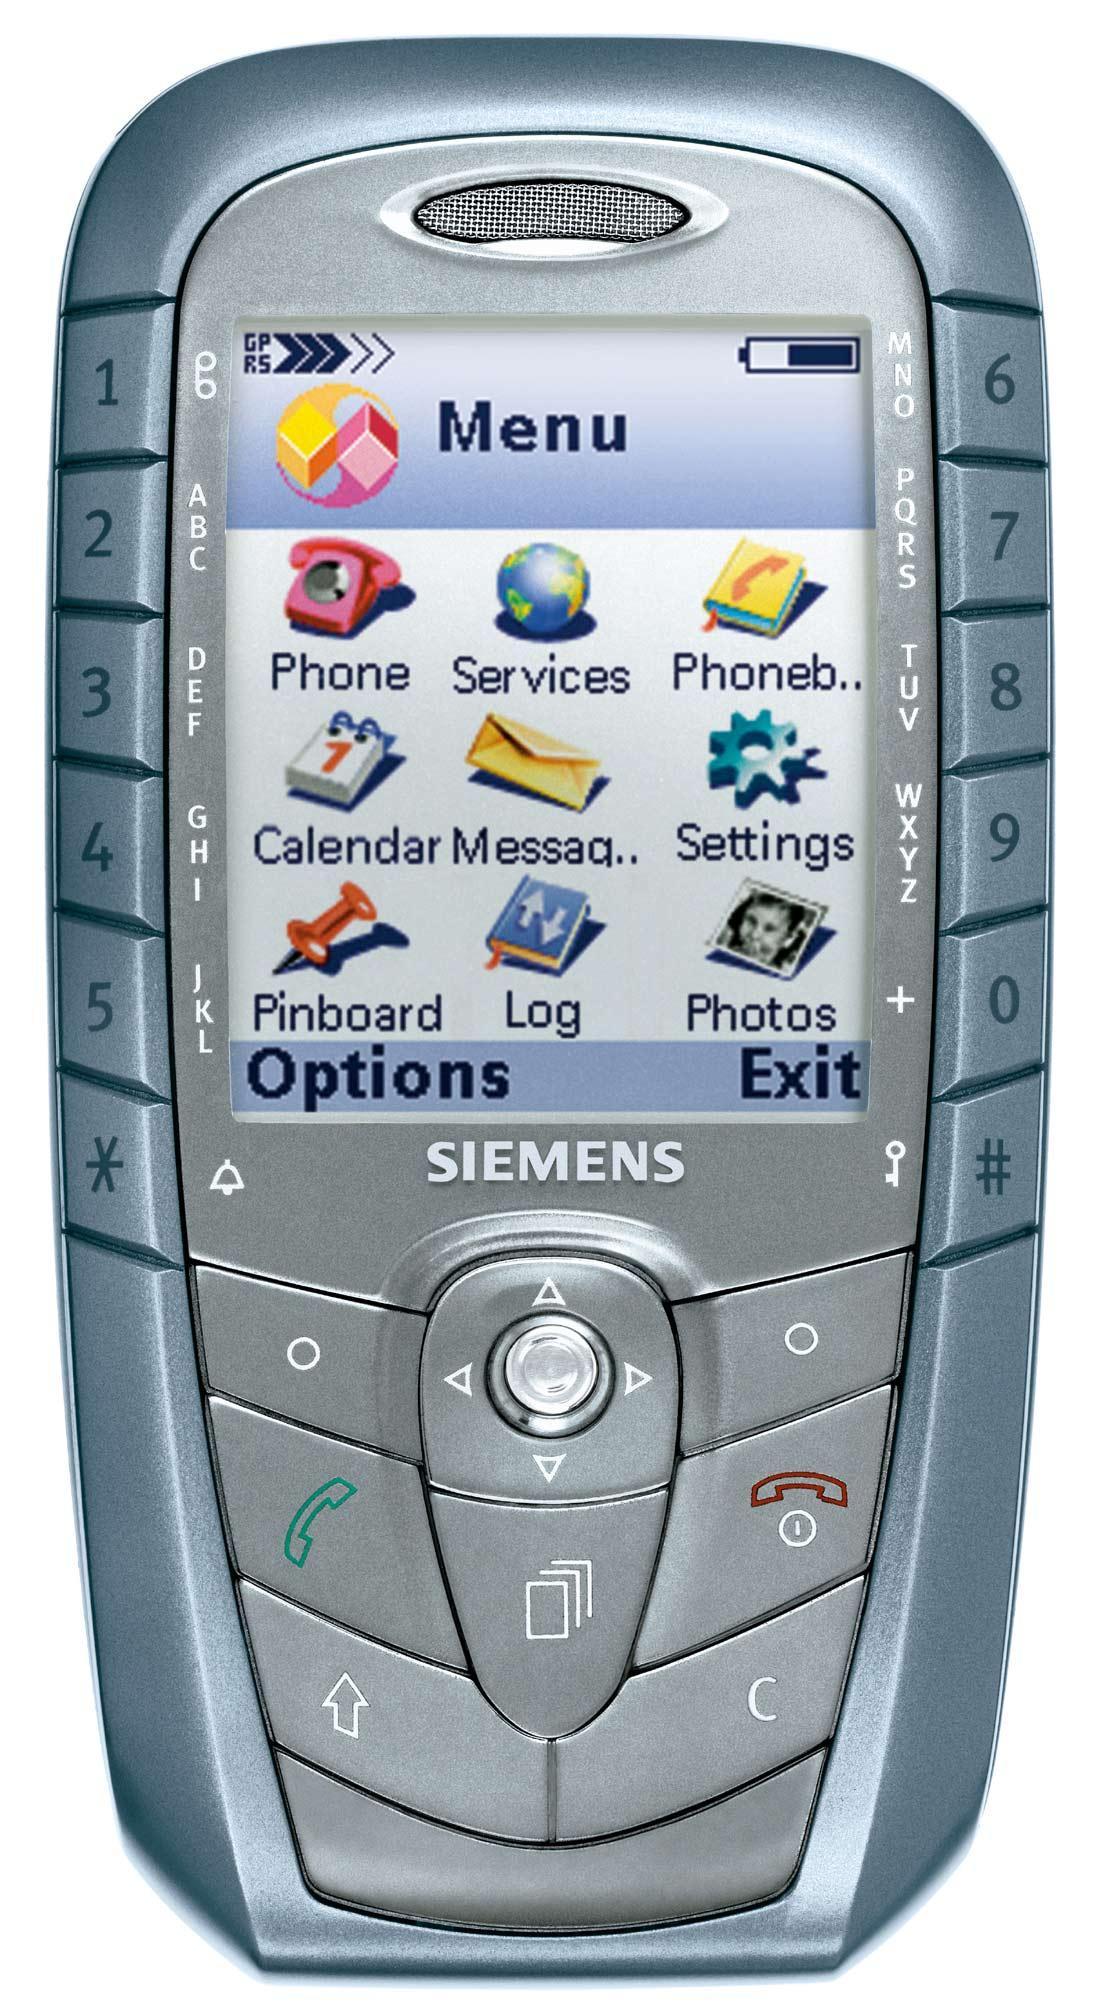 Siemens sx1 er en symbianmobil, men huskes nok best for de uortodokse tastene langs skjermen.